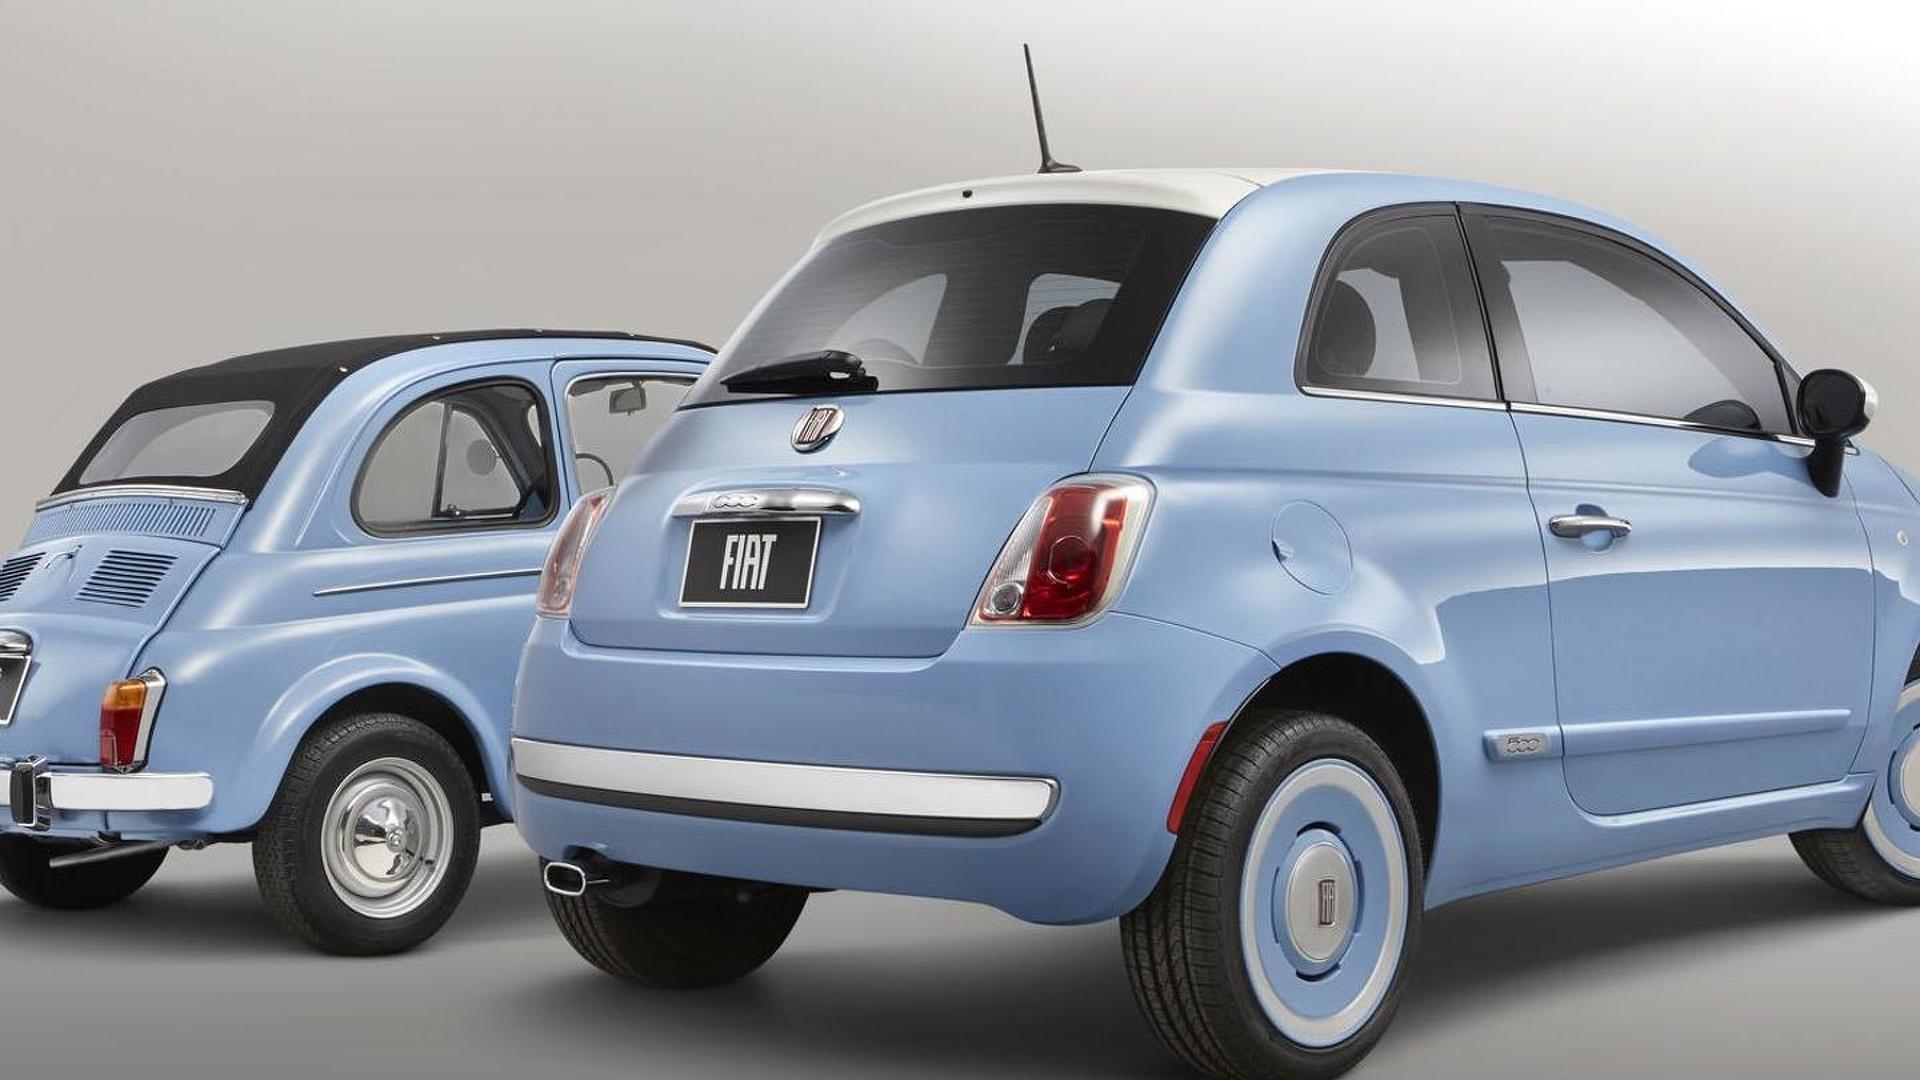 Amerika: Fiat obustavlja prodaju najmanjeg i najtraženijeg modela